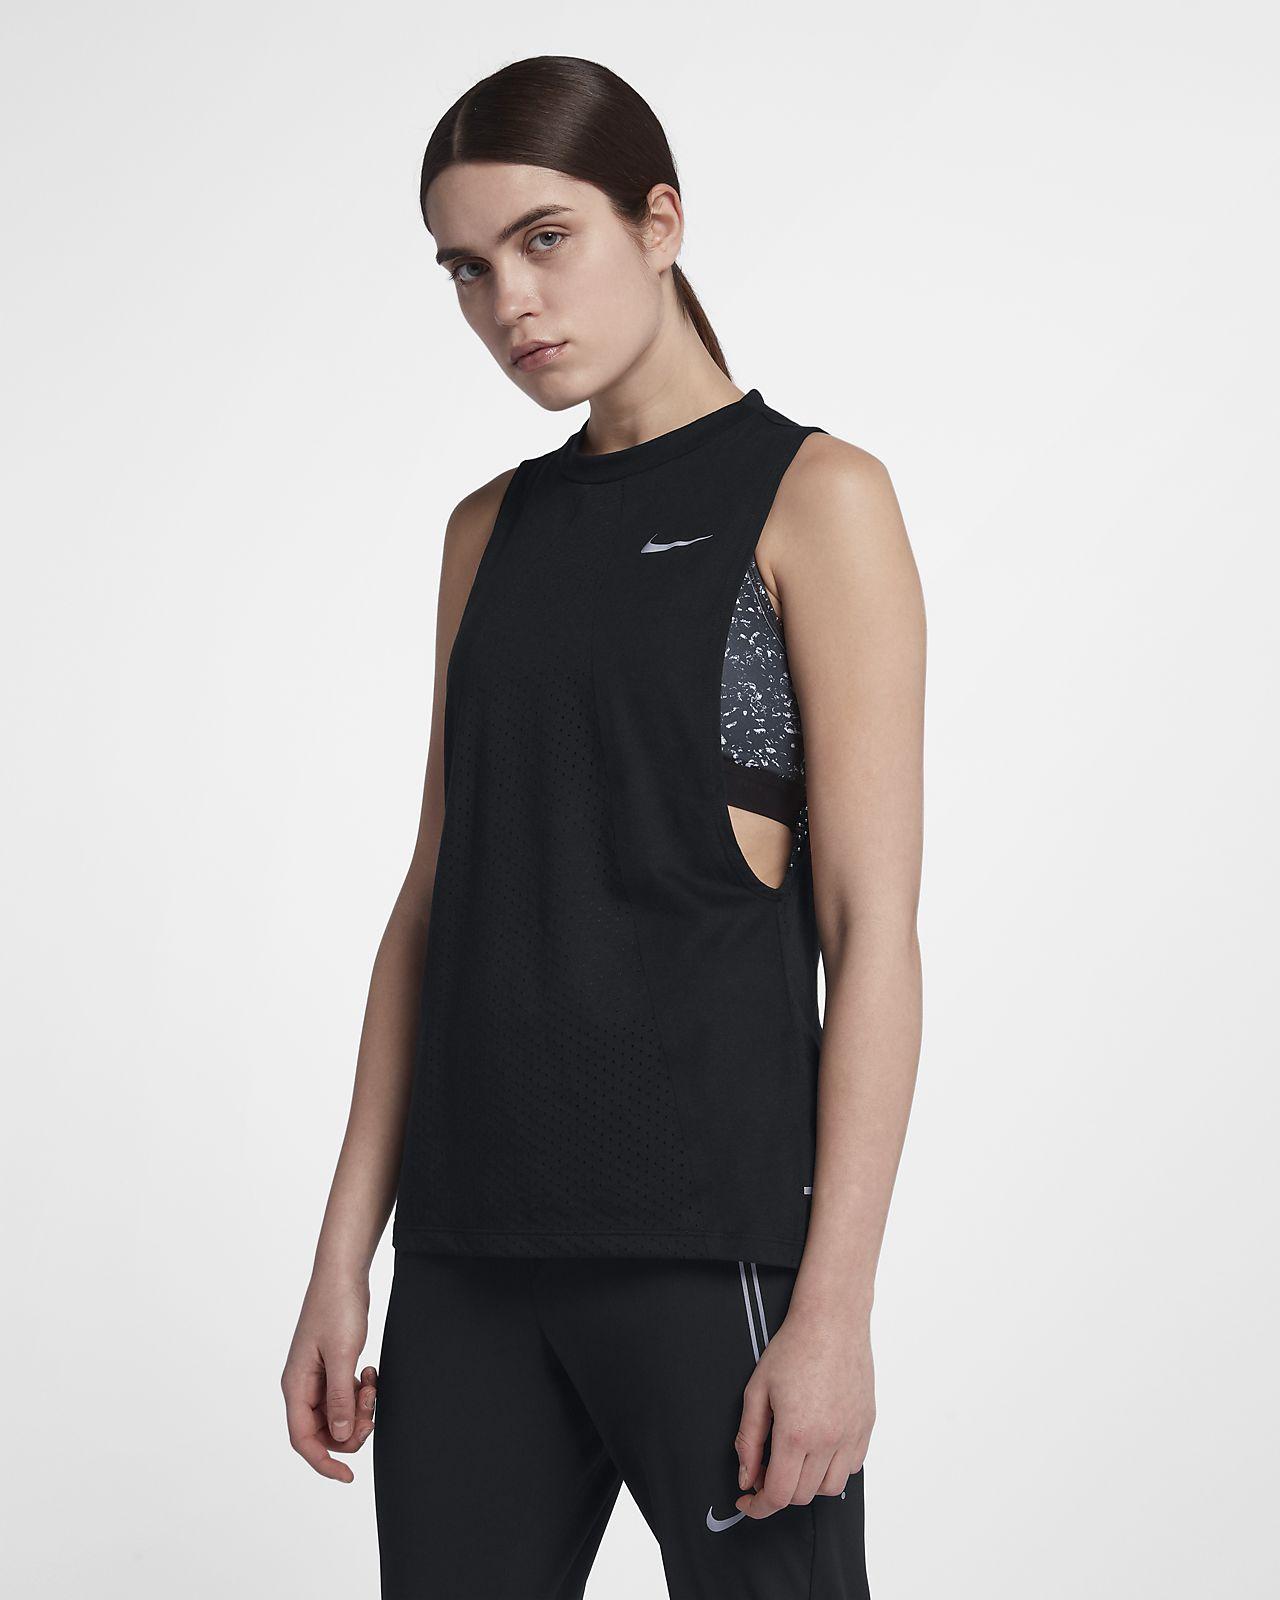 nike donna running canotta  Canotta da running Nike Dri-FIT Tailwind - Donna.  IT